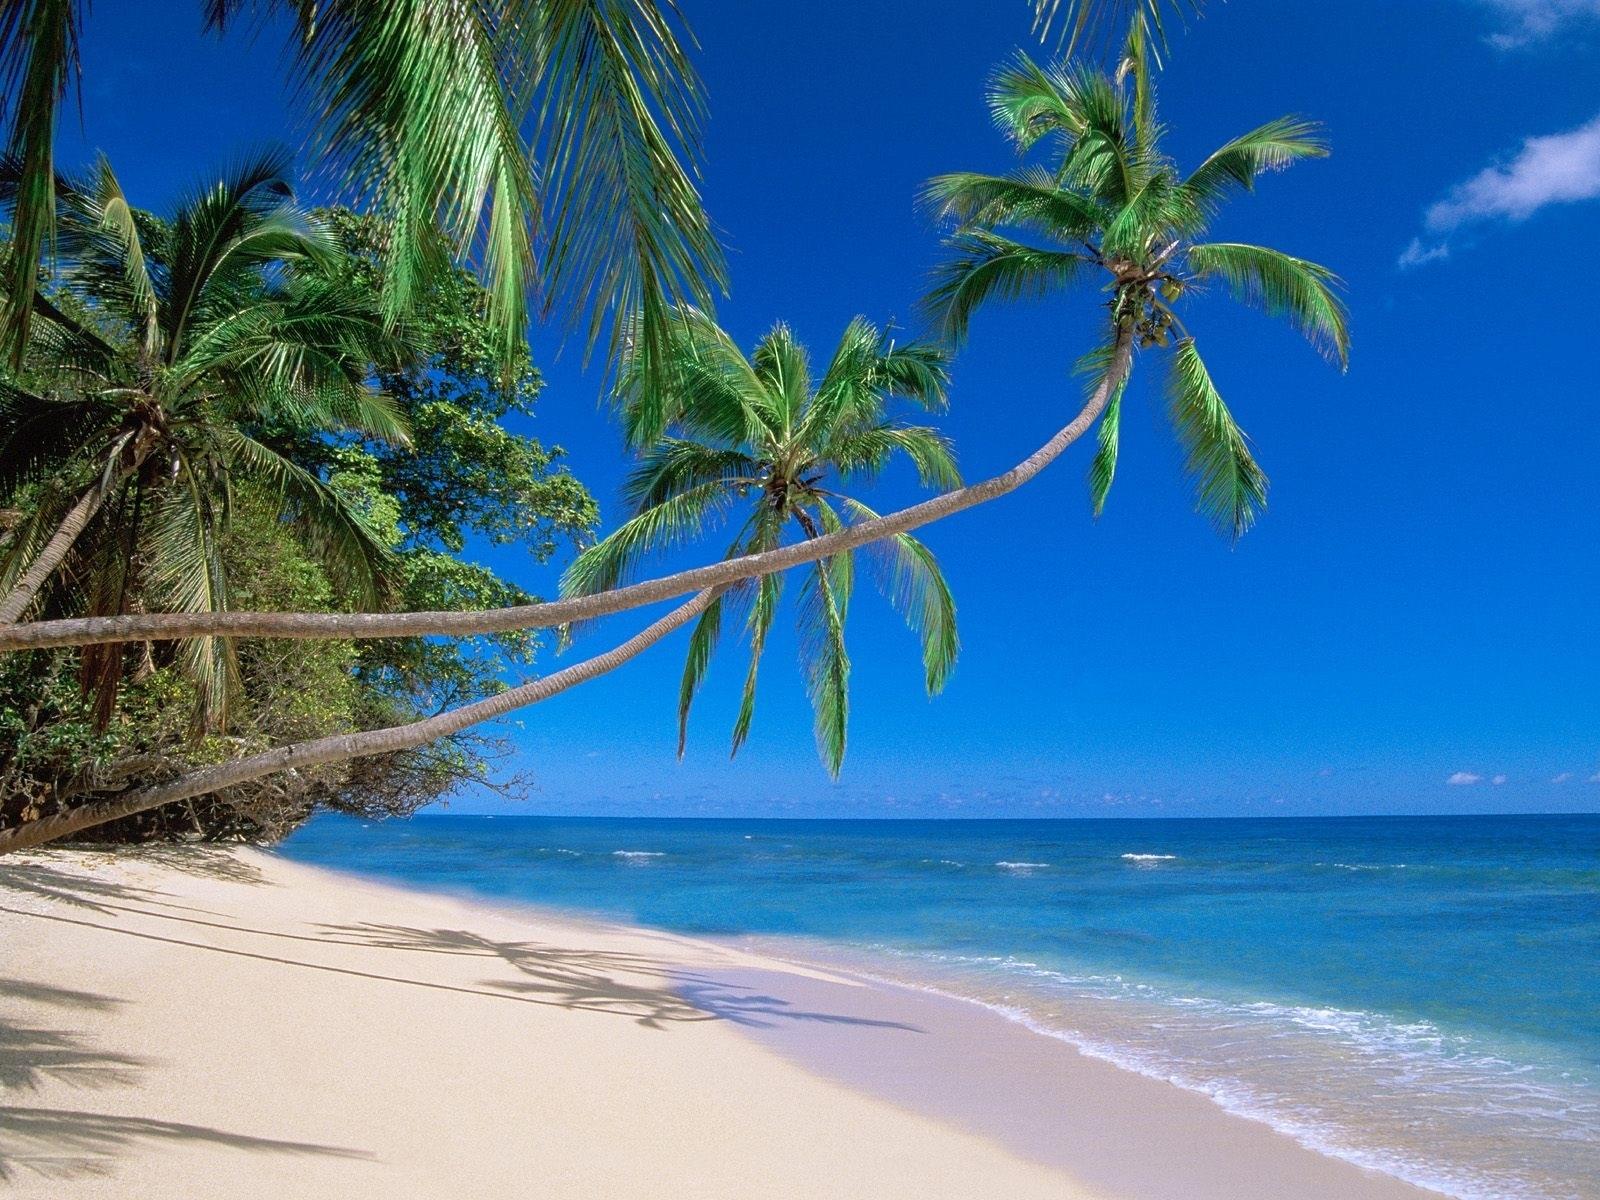 7647 Hintergrundbild herunterladen Strand, Landschaft, Sea, Palms - Bildschirmschoner und Bilder kostenlos